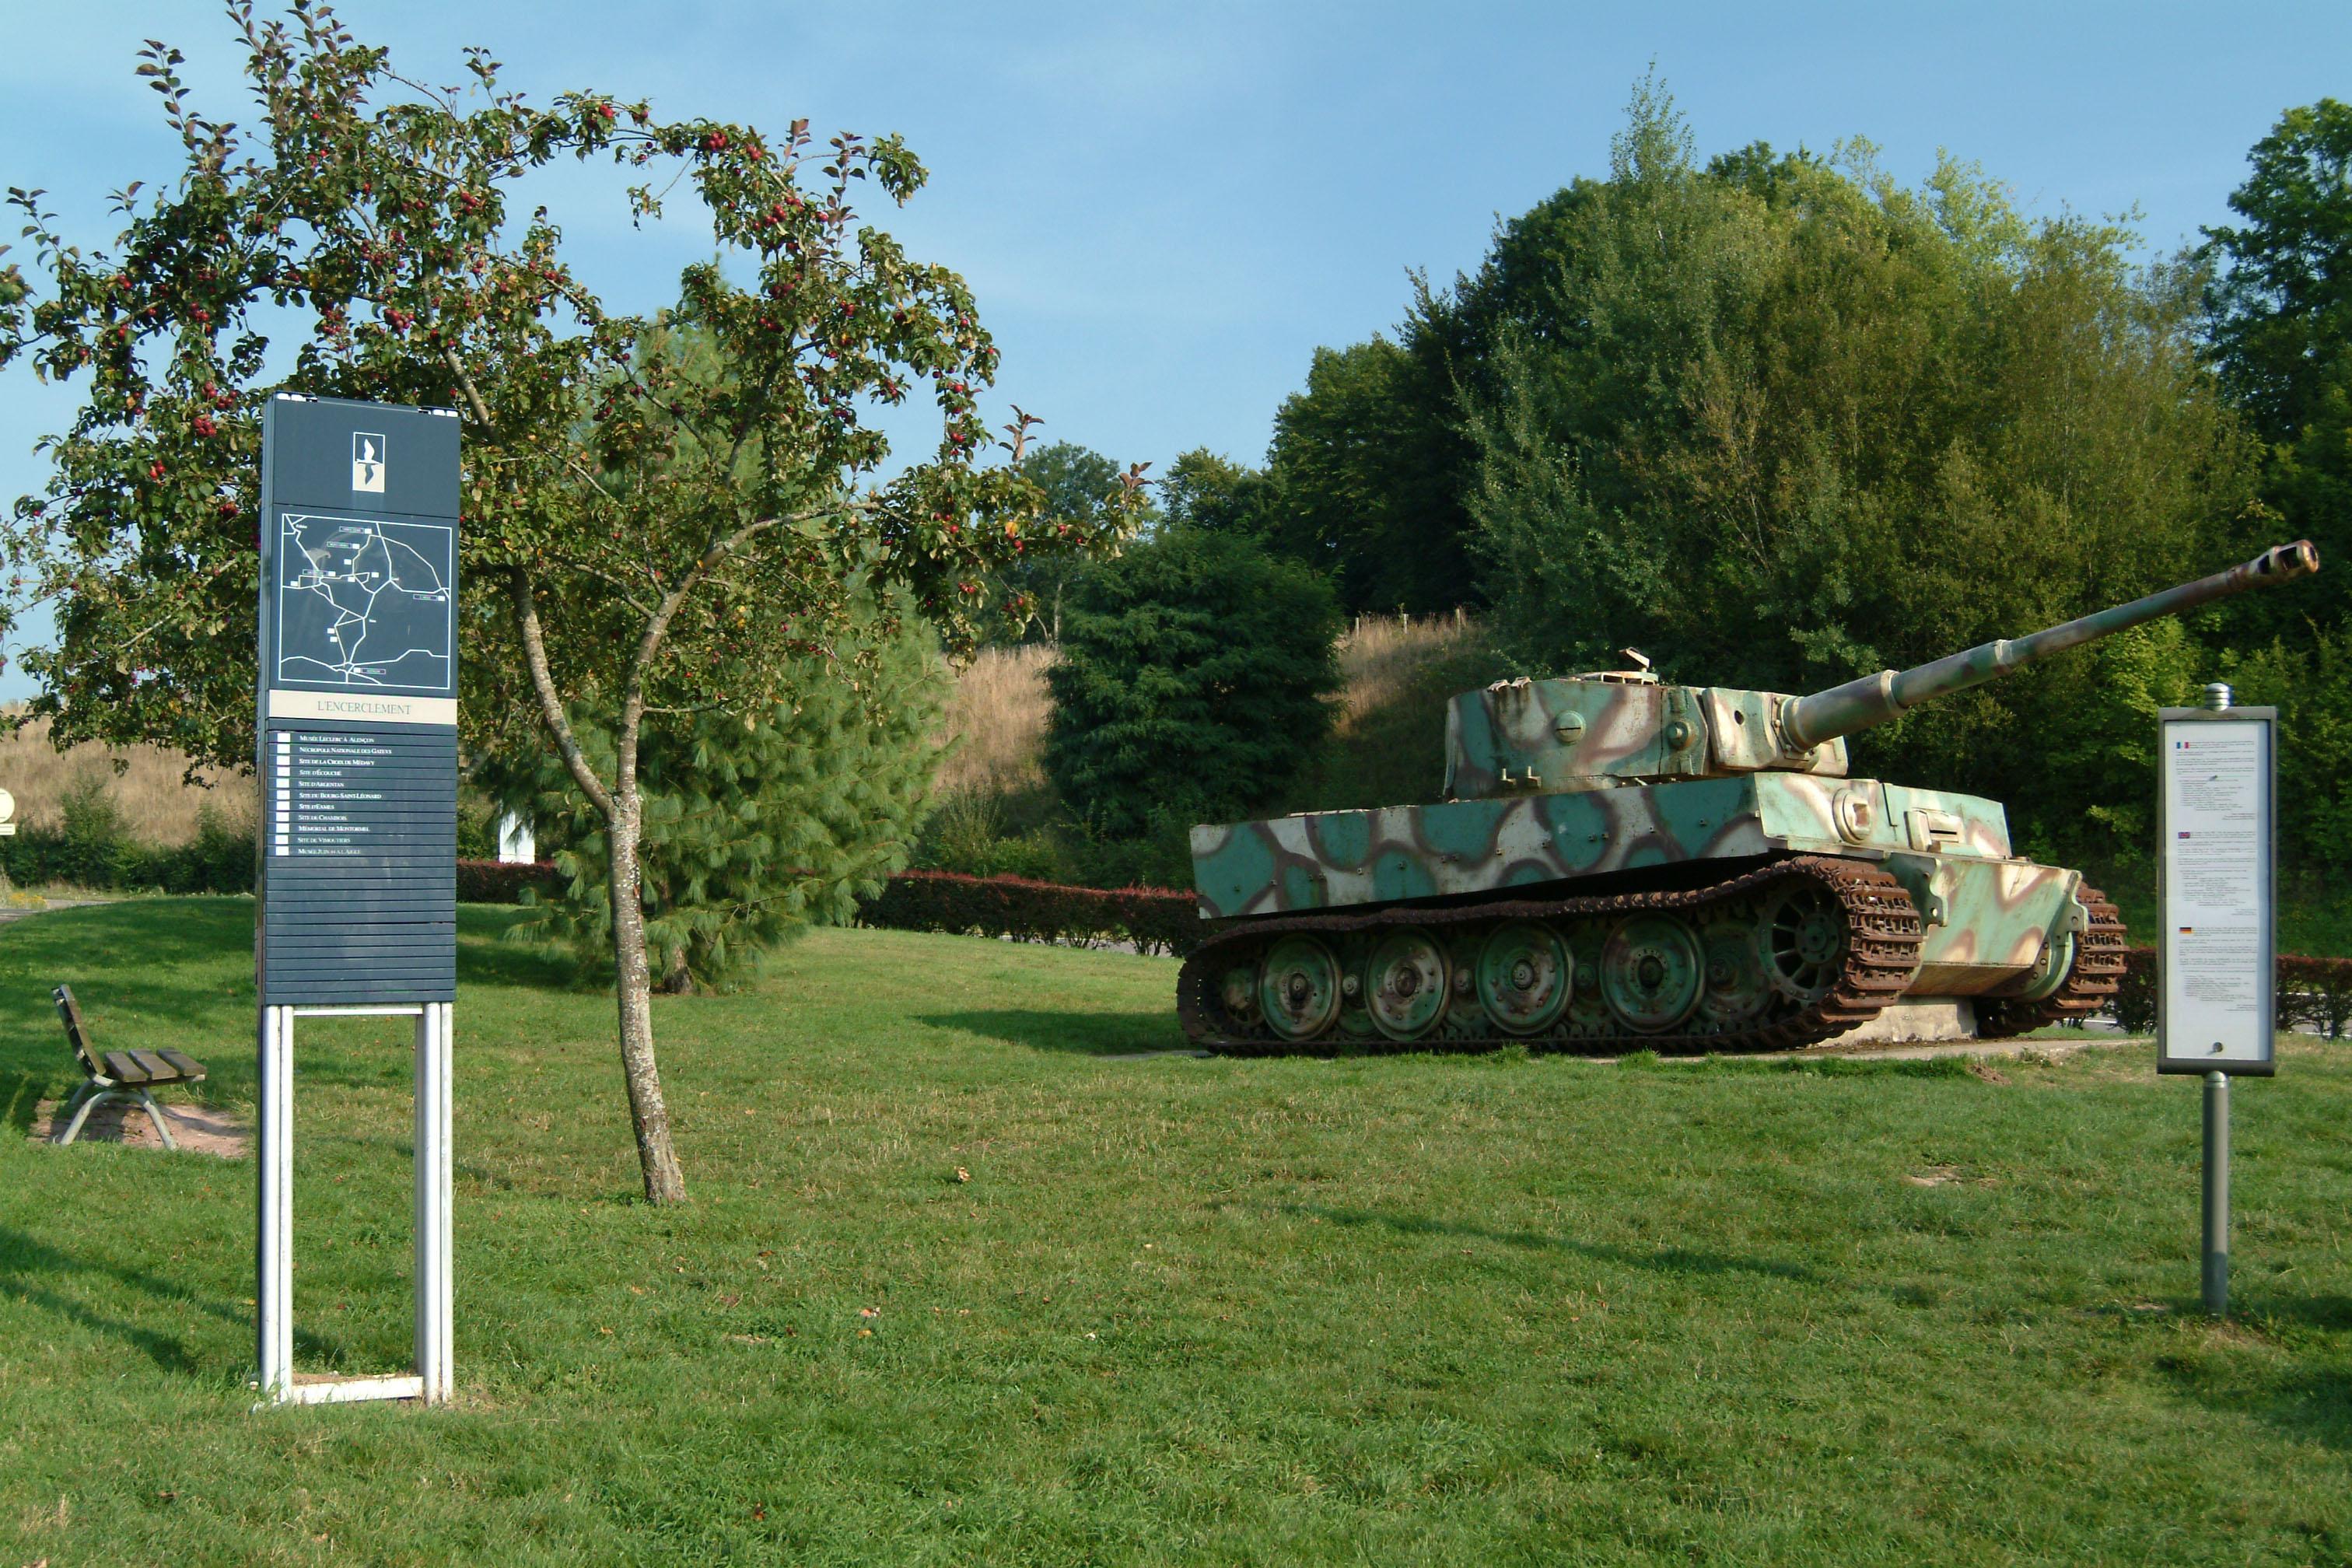 Le tigre de vimoutiers pays du camembert for L interieur du char de vimoutier